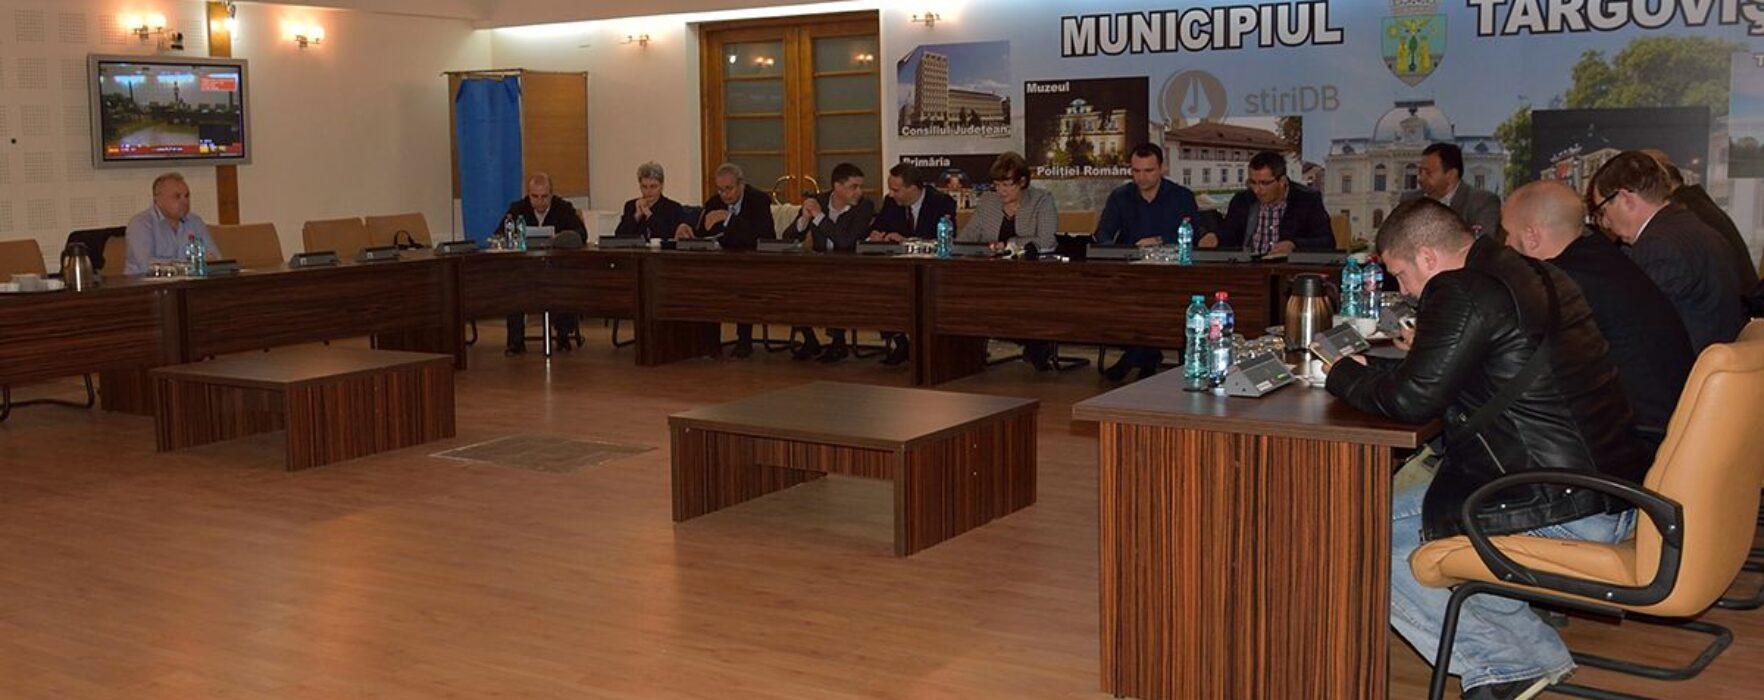 Acuzaţii de mită privind cumpărarea de voturi în Consiliul Local Târgovişte cu 10-15 mii de euro